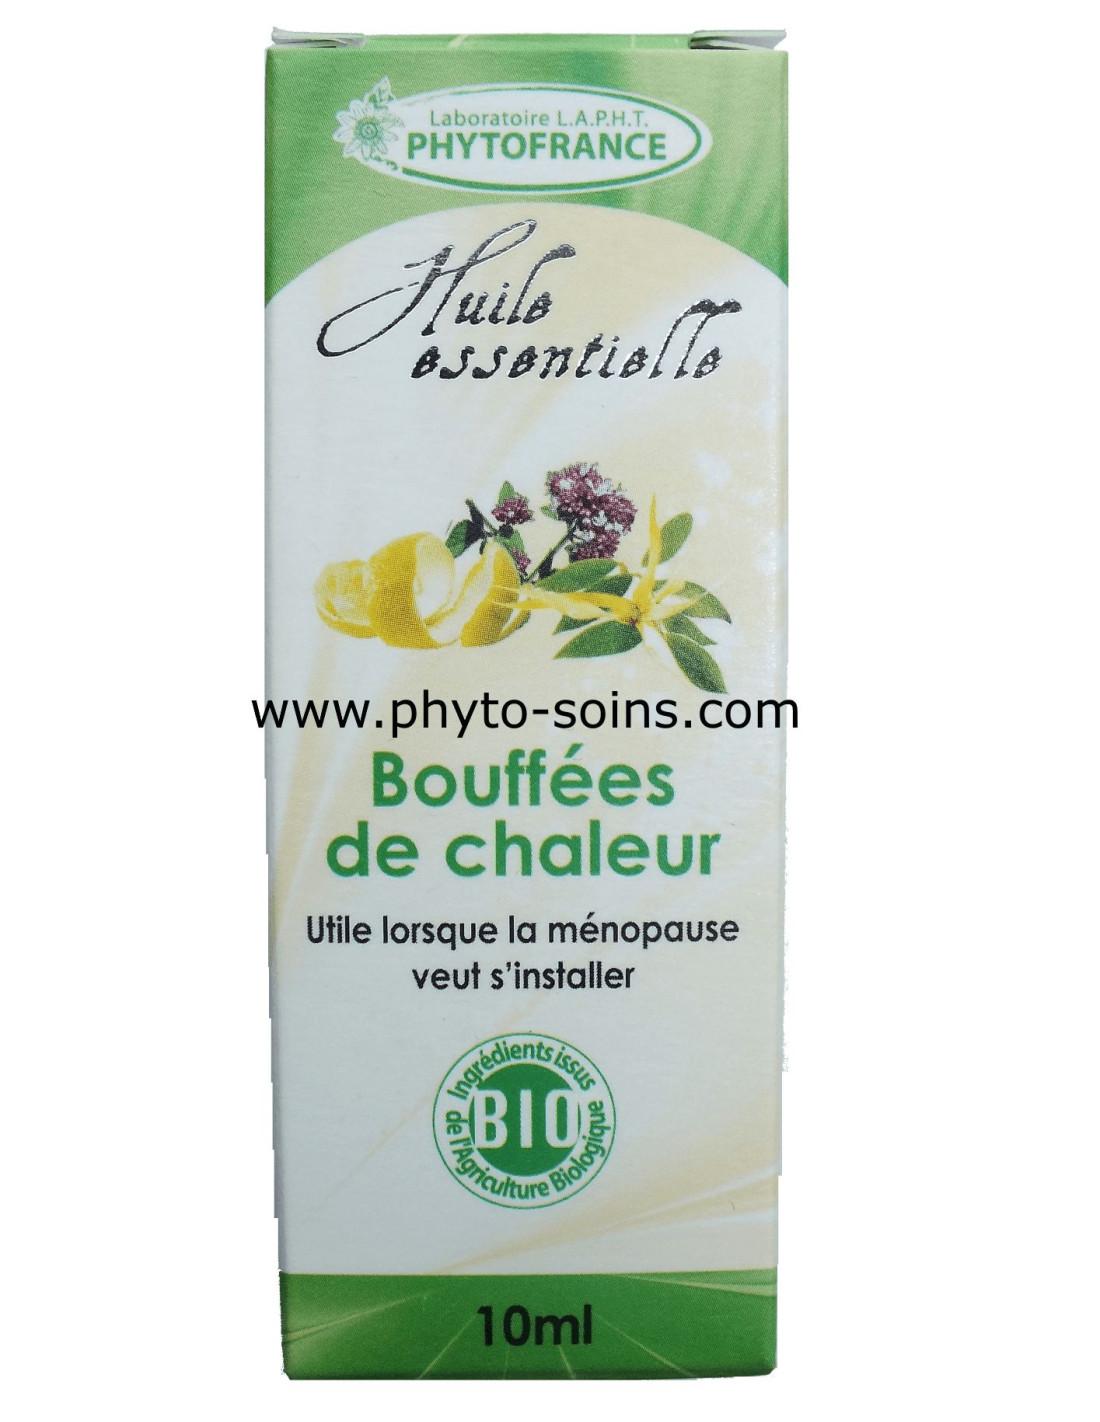 Huiles Essentielles Contre Les Souris complexe d'huiles essentielles bio menofraîche bouffées de chaleur